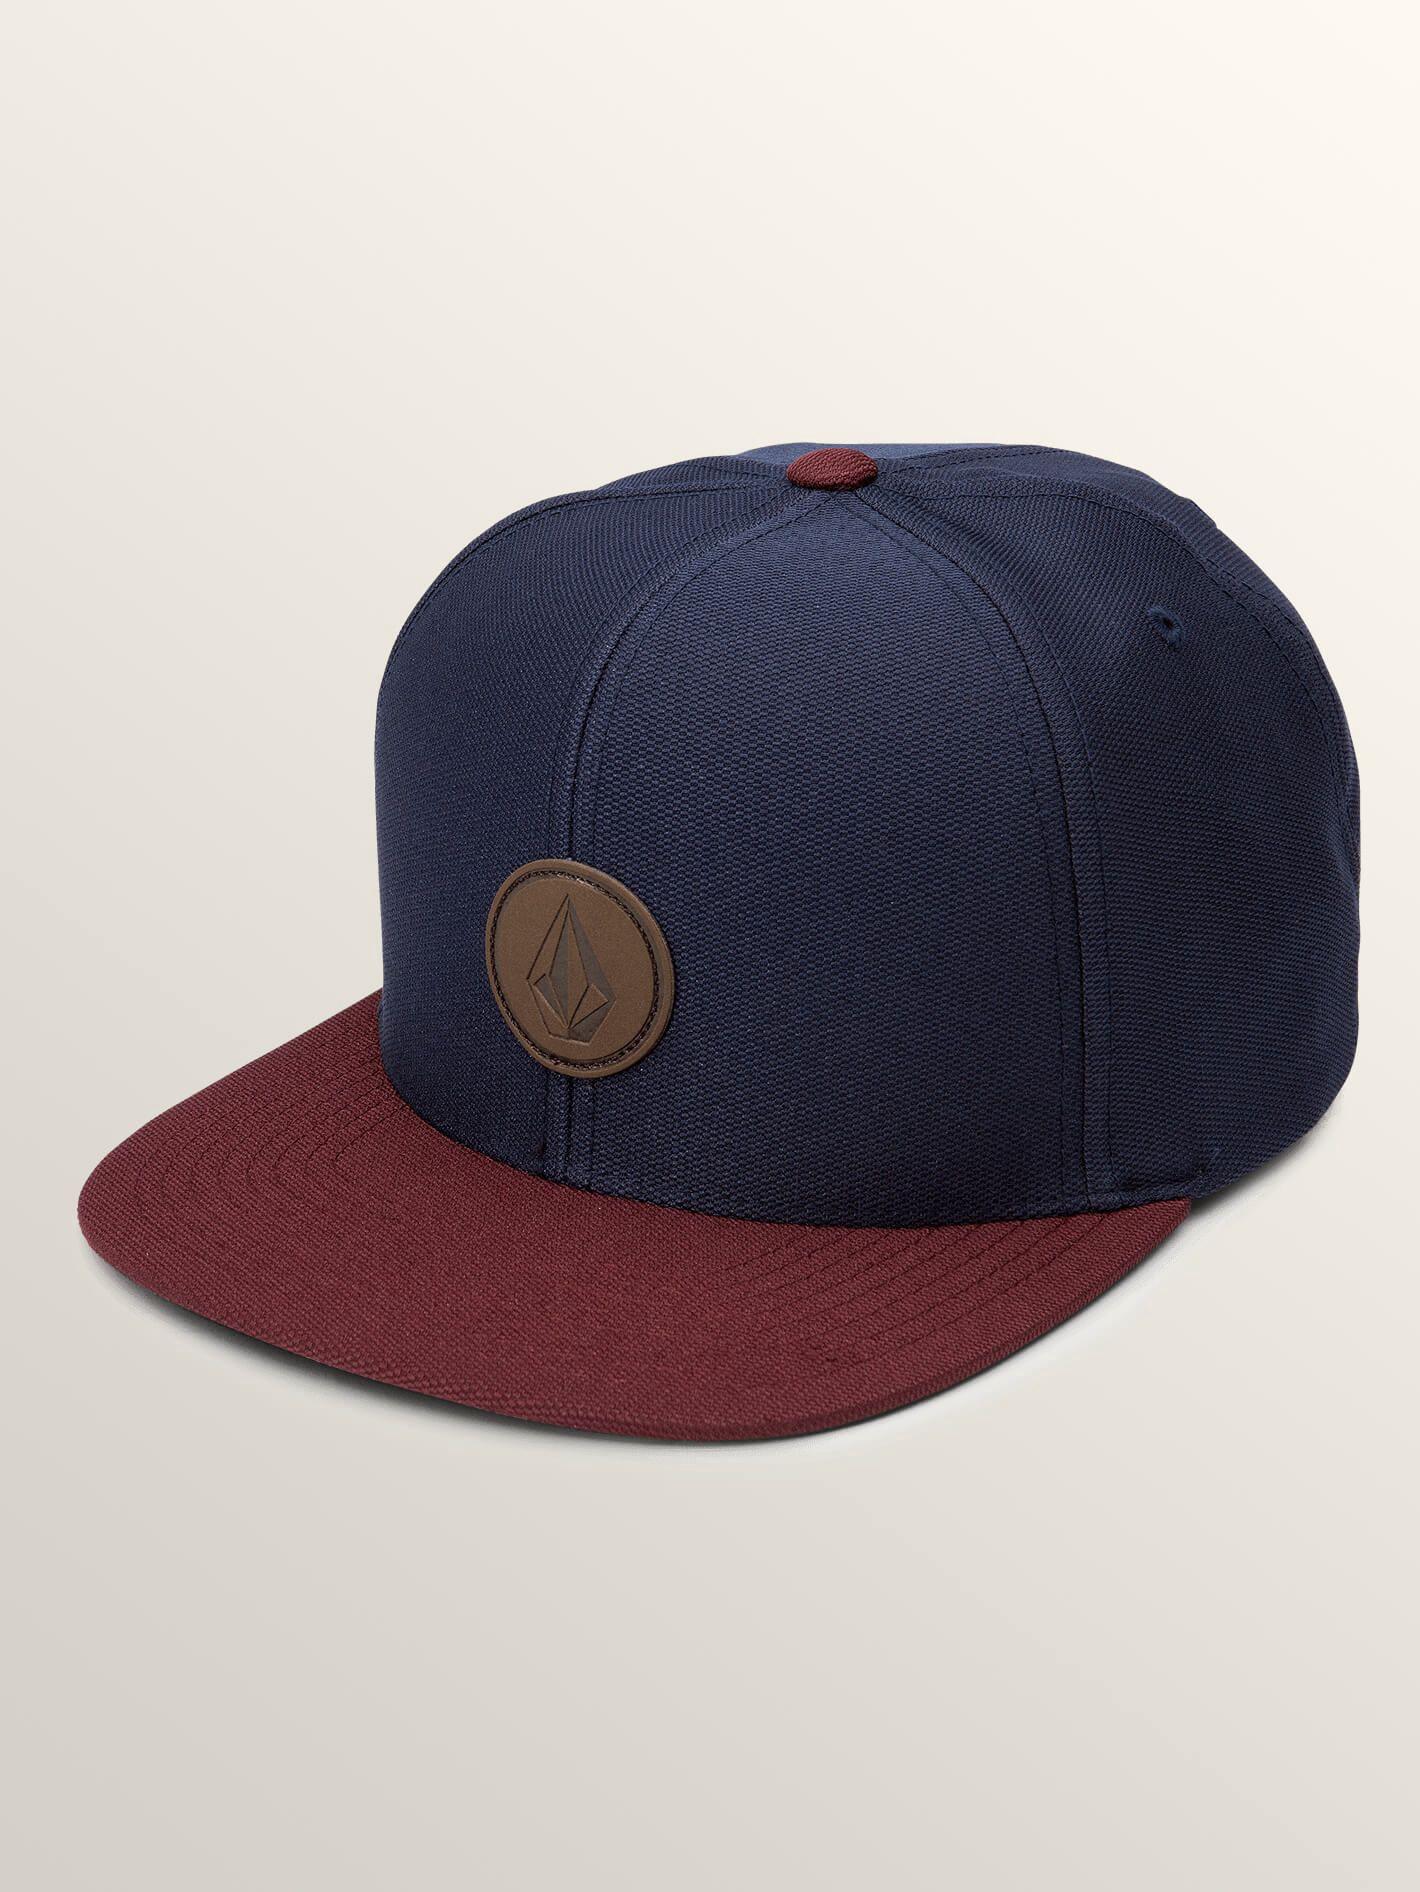 16c025e994d Volcom Quarter Fabric Hat - Camper Blue O S